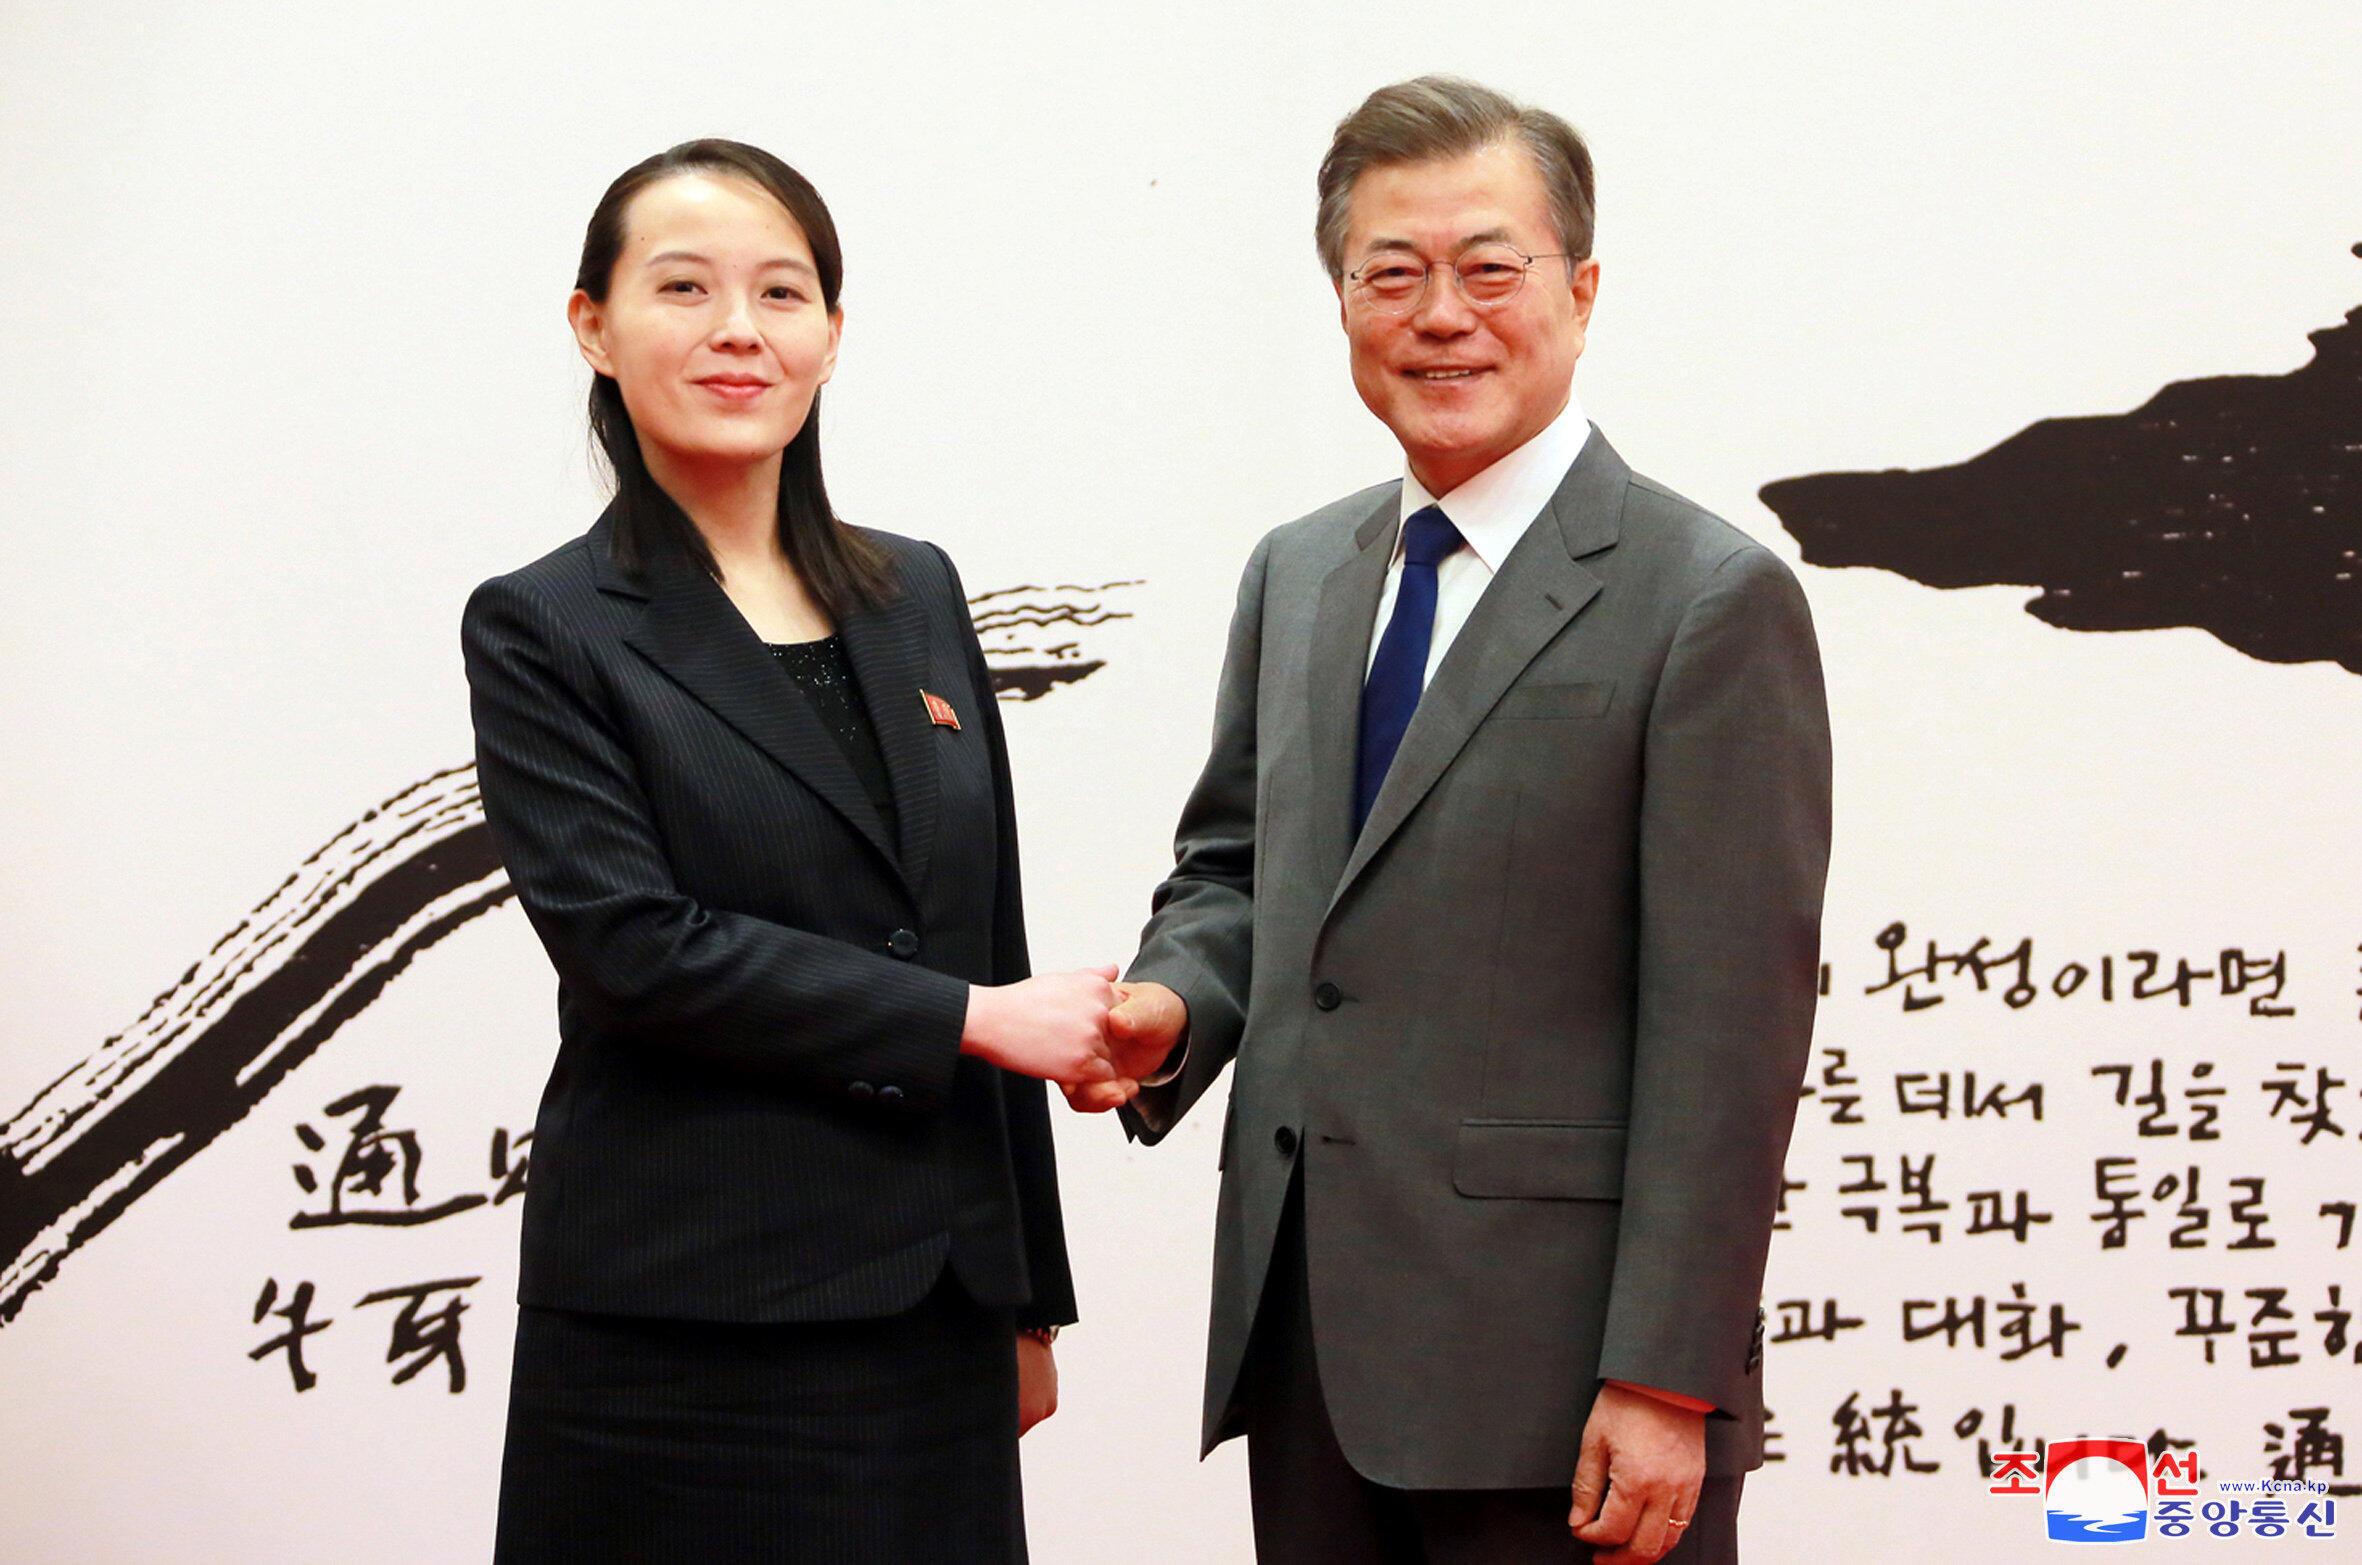 Tổng thống Hàn Quốc Moon Jae-in (P) gặp chào bà Kim Yo-jong, em gái lãnh đạo Bắc Triều Tiên Kim Jong-un. (Ảnh do KCNA công bố ngày 10/02/2018, nhưng không ghi ngày)